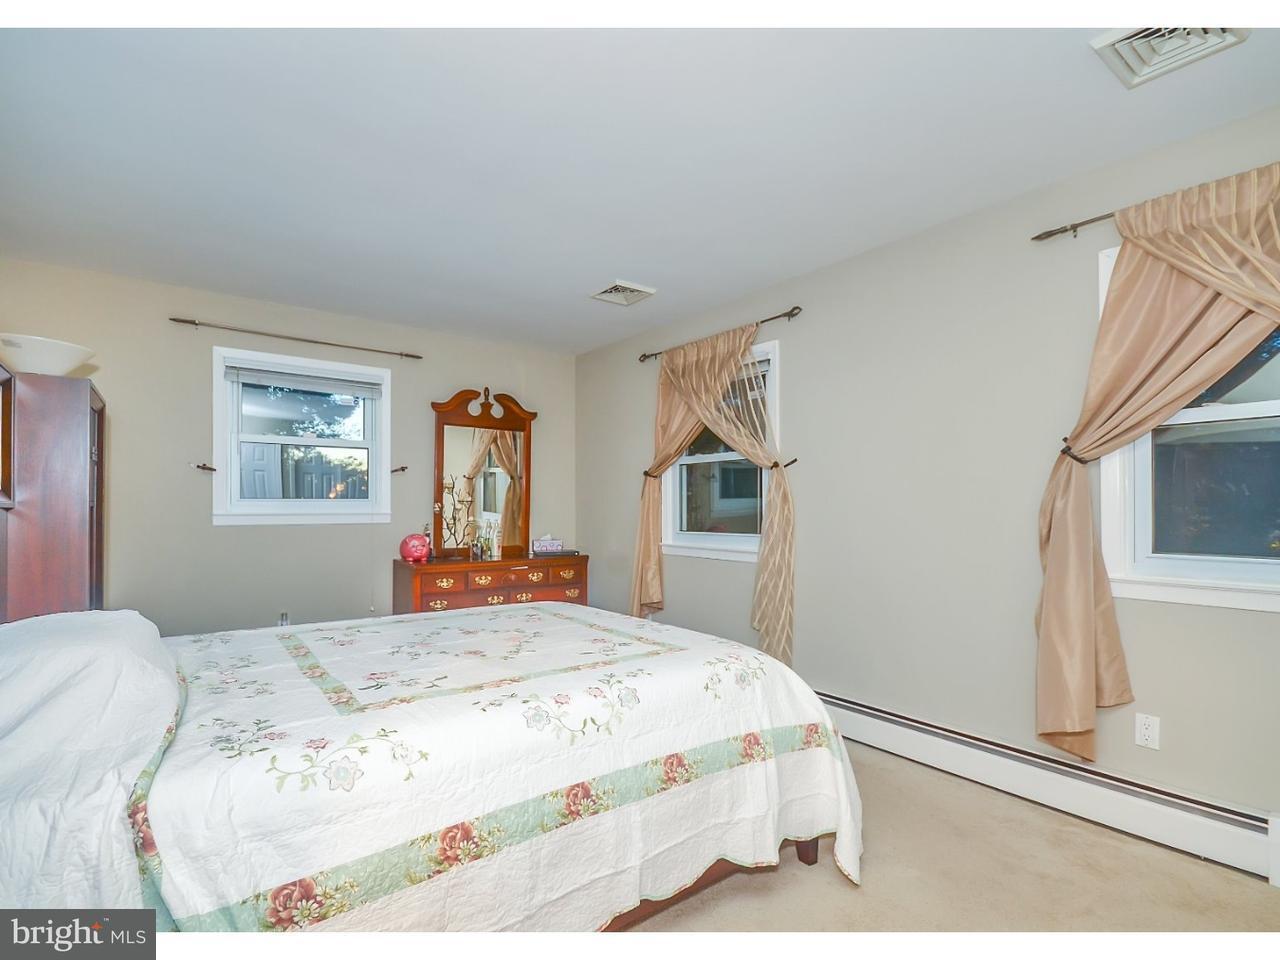 Частный односемейный дом для того Аренда на 426 PLAINSBORO Road Plainsboro, Нью-Джерси 08536 Соединенные ШтатыВ/Около: Plainsboro Township